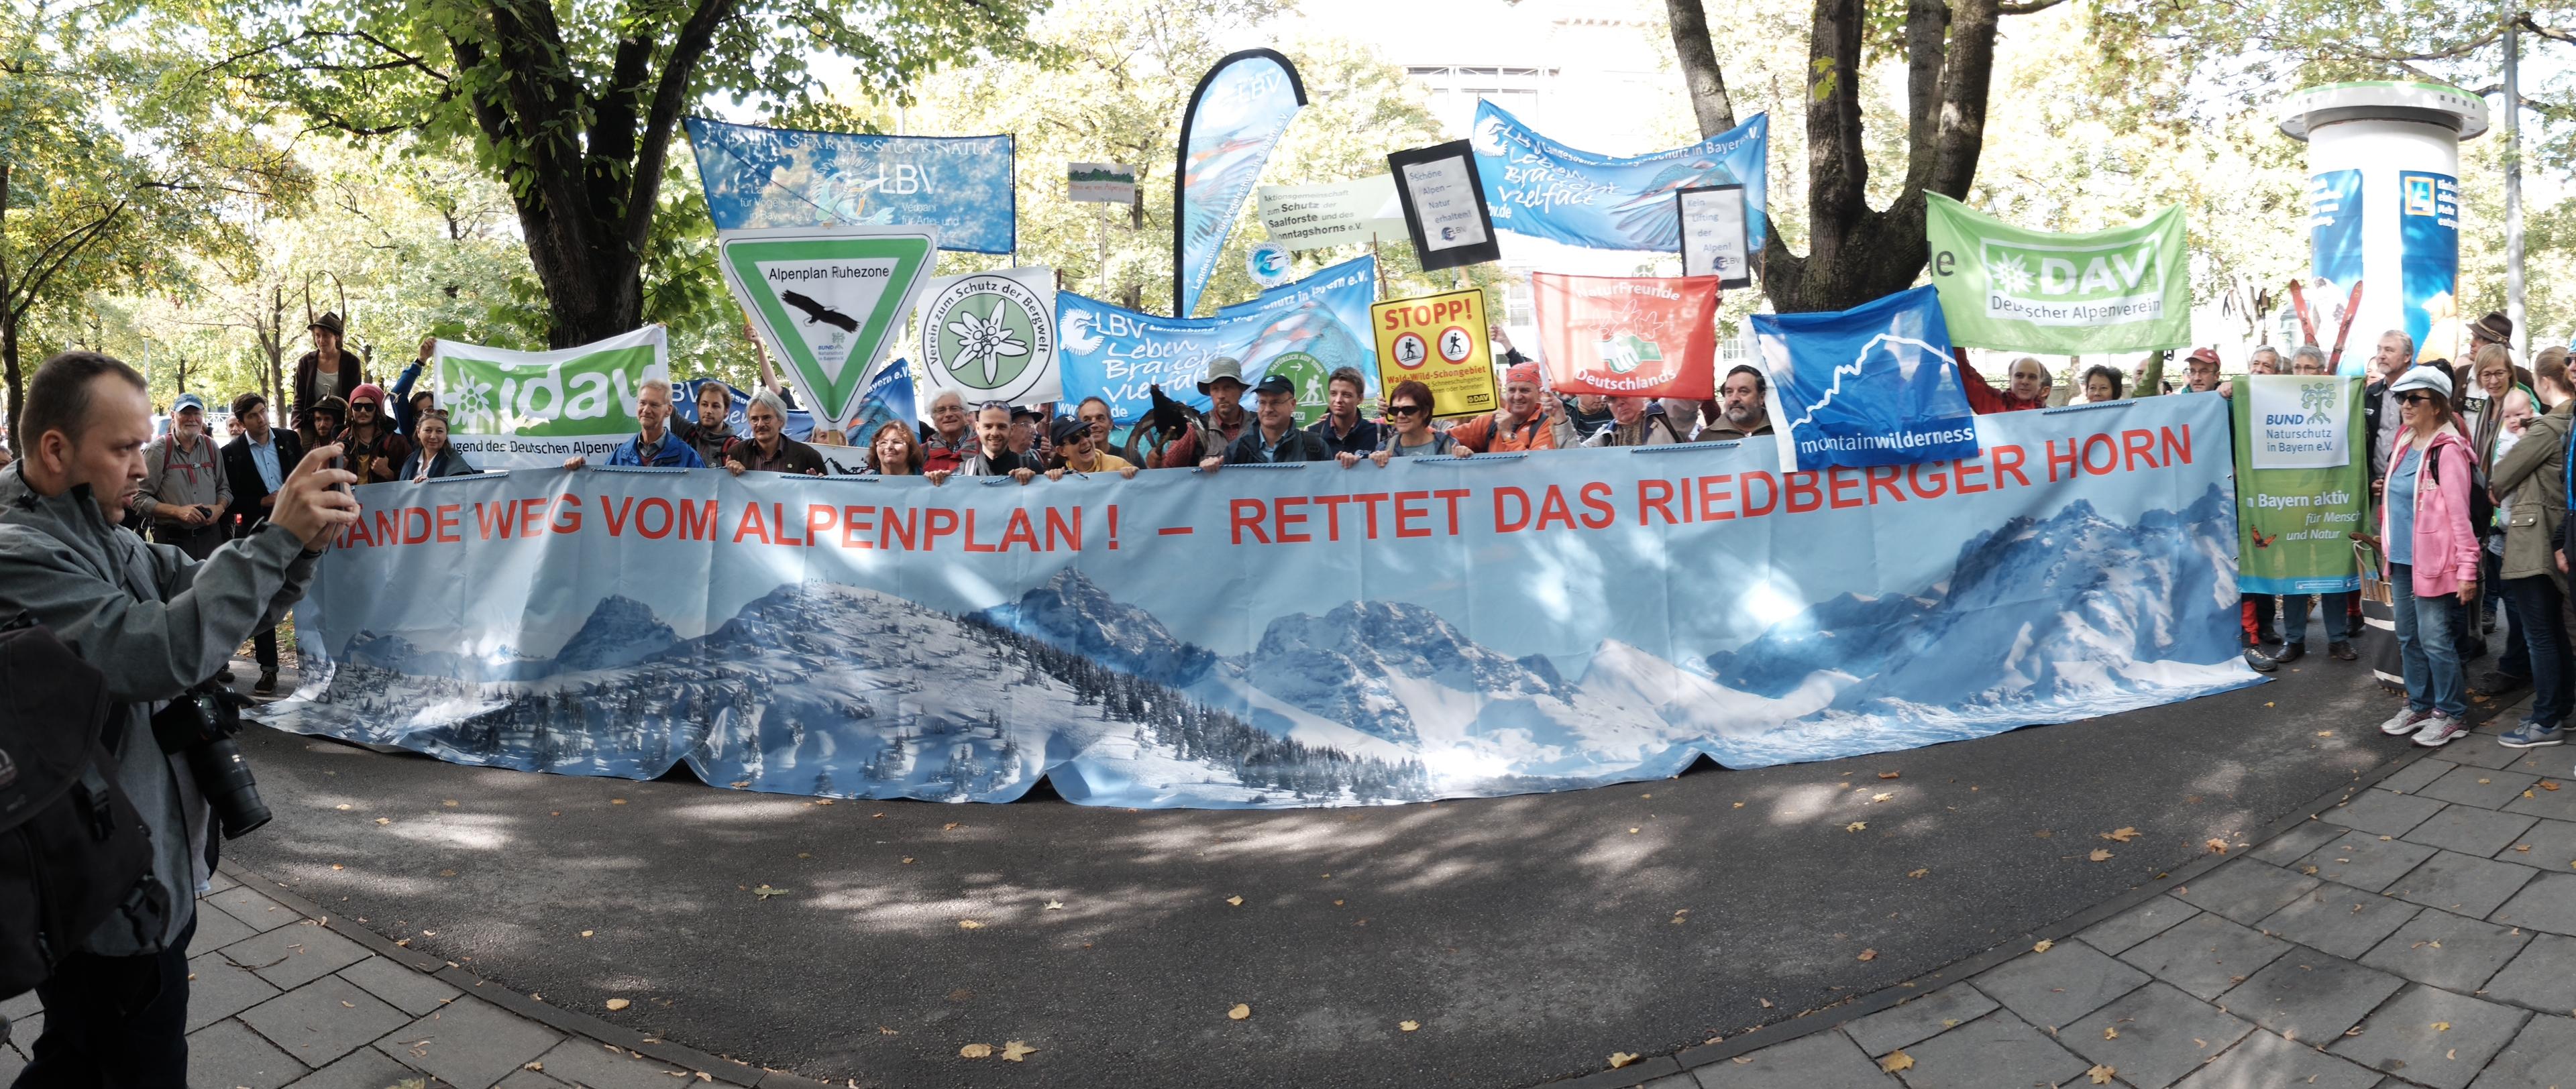 Die Demonstranten vor der bayerischen Staatskanzlei